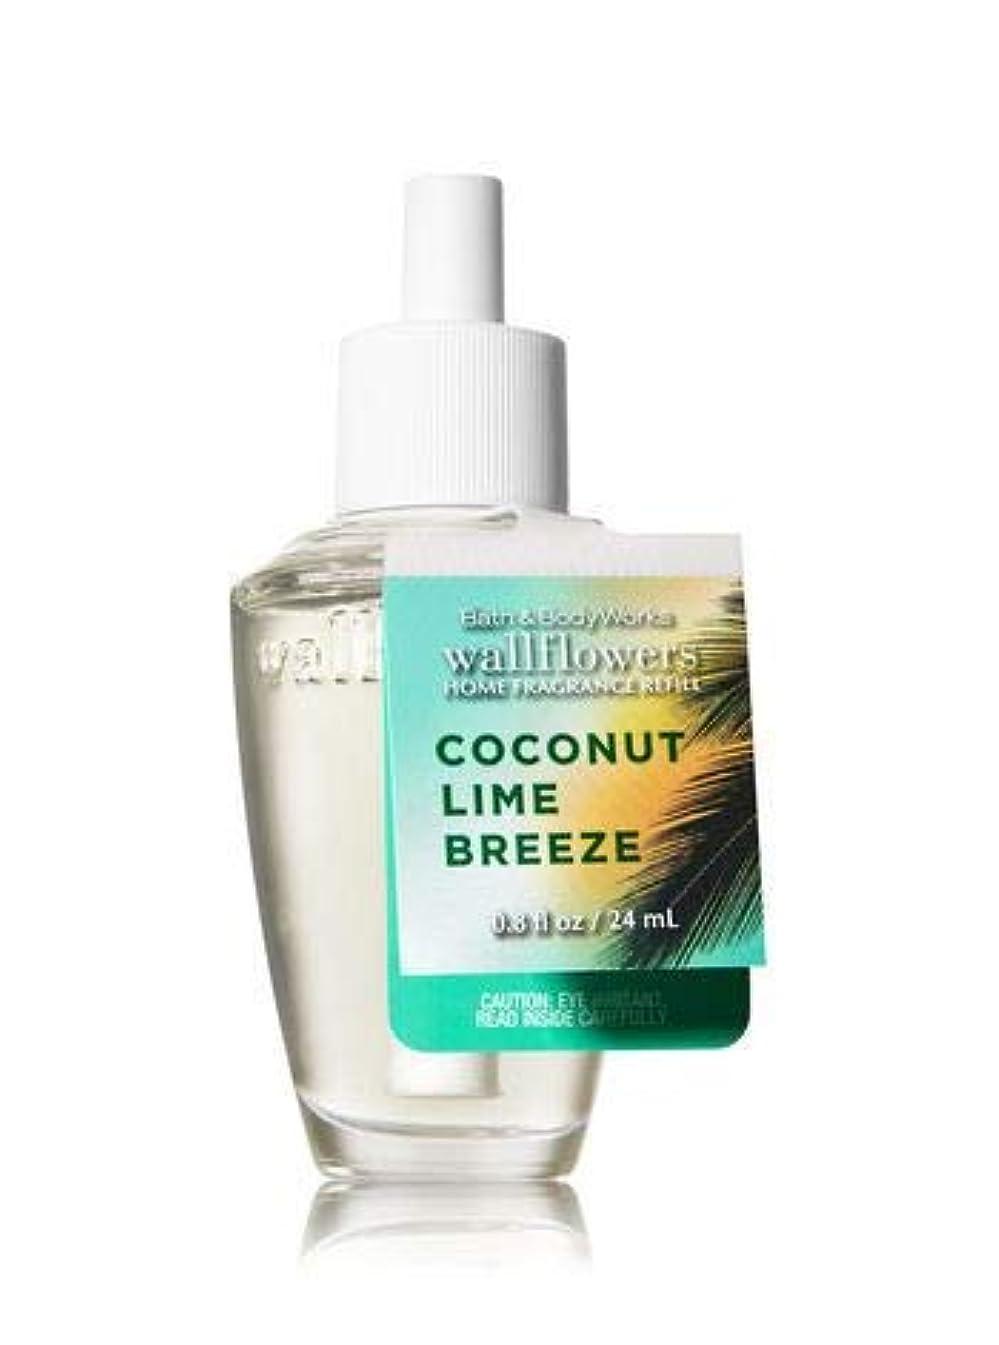 証言する悲観主義者モザイク【Bath&Body Works/バス&ボディワークス】 ルームフレグランス 詰替えリフィル ココナッツライムブリーズ Wallflowers Home Fragrance Refill Coconut Lime Breeze [並行輸入品]